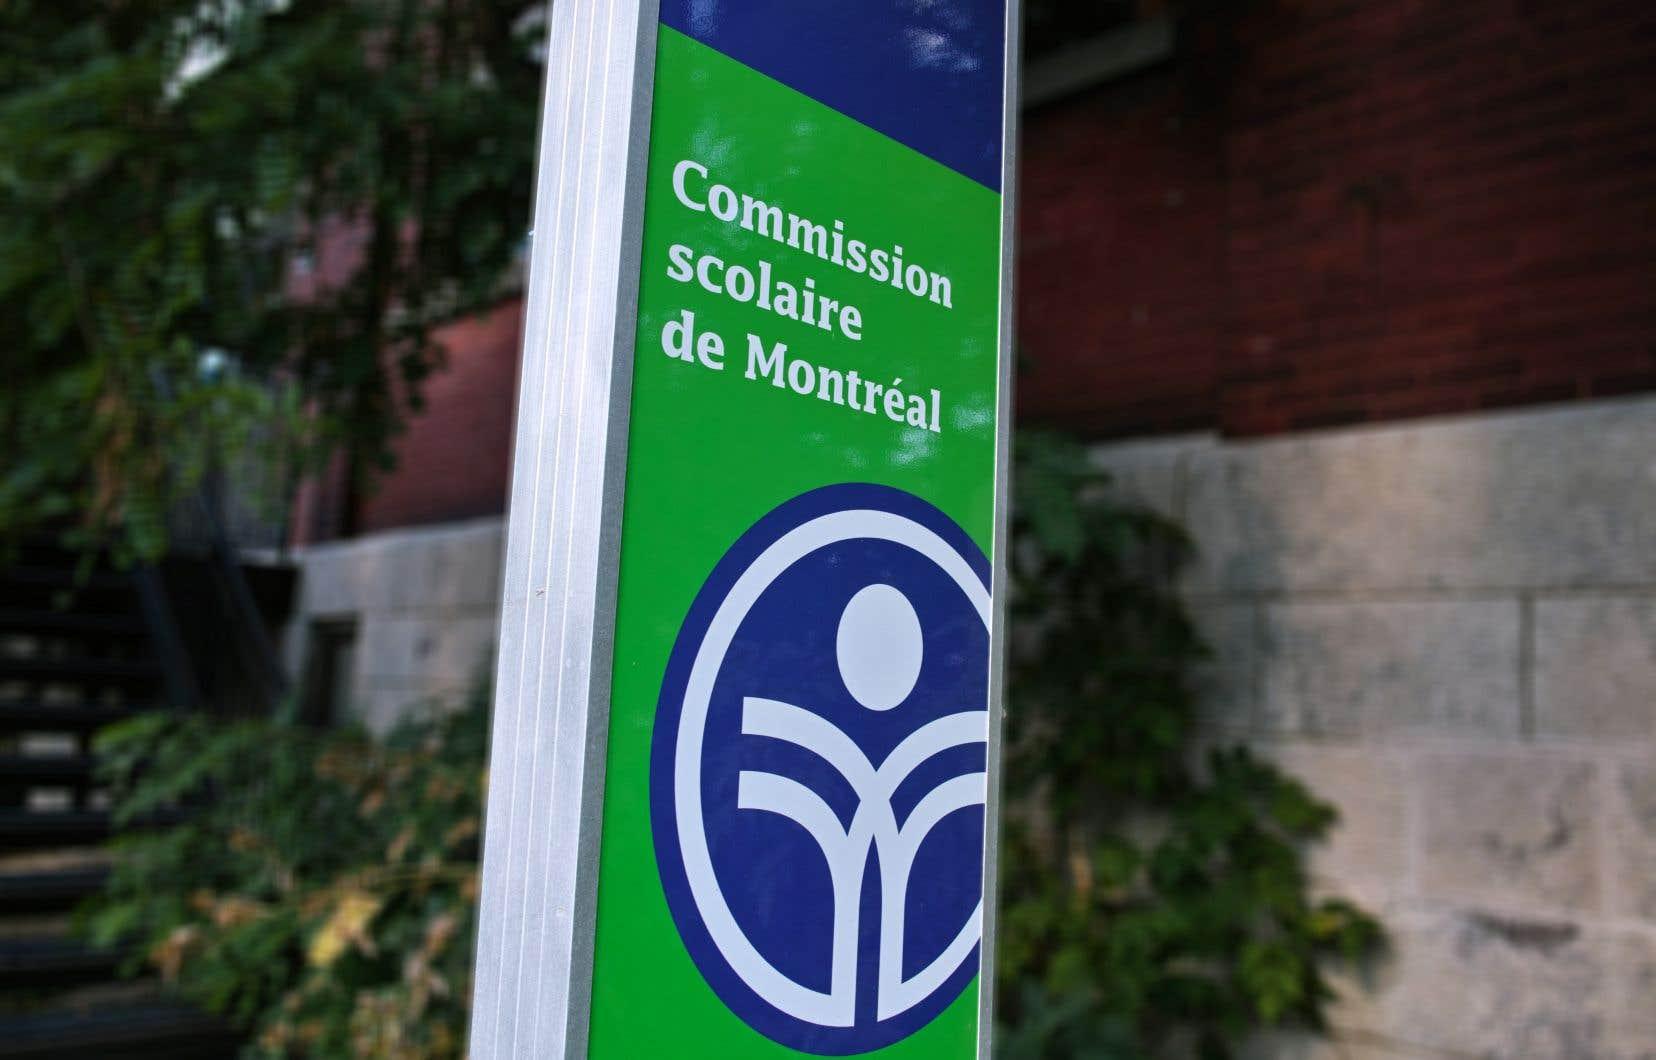 La Commission scolaire prévoit qu'une soixantaine d'enseignants français recrutés en 2019 commenceront leur travail en classe lors de la rentrée scolaire de l'automne 2020.